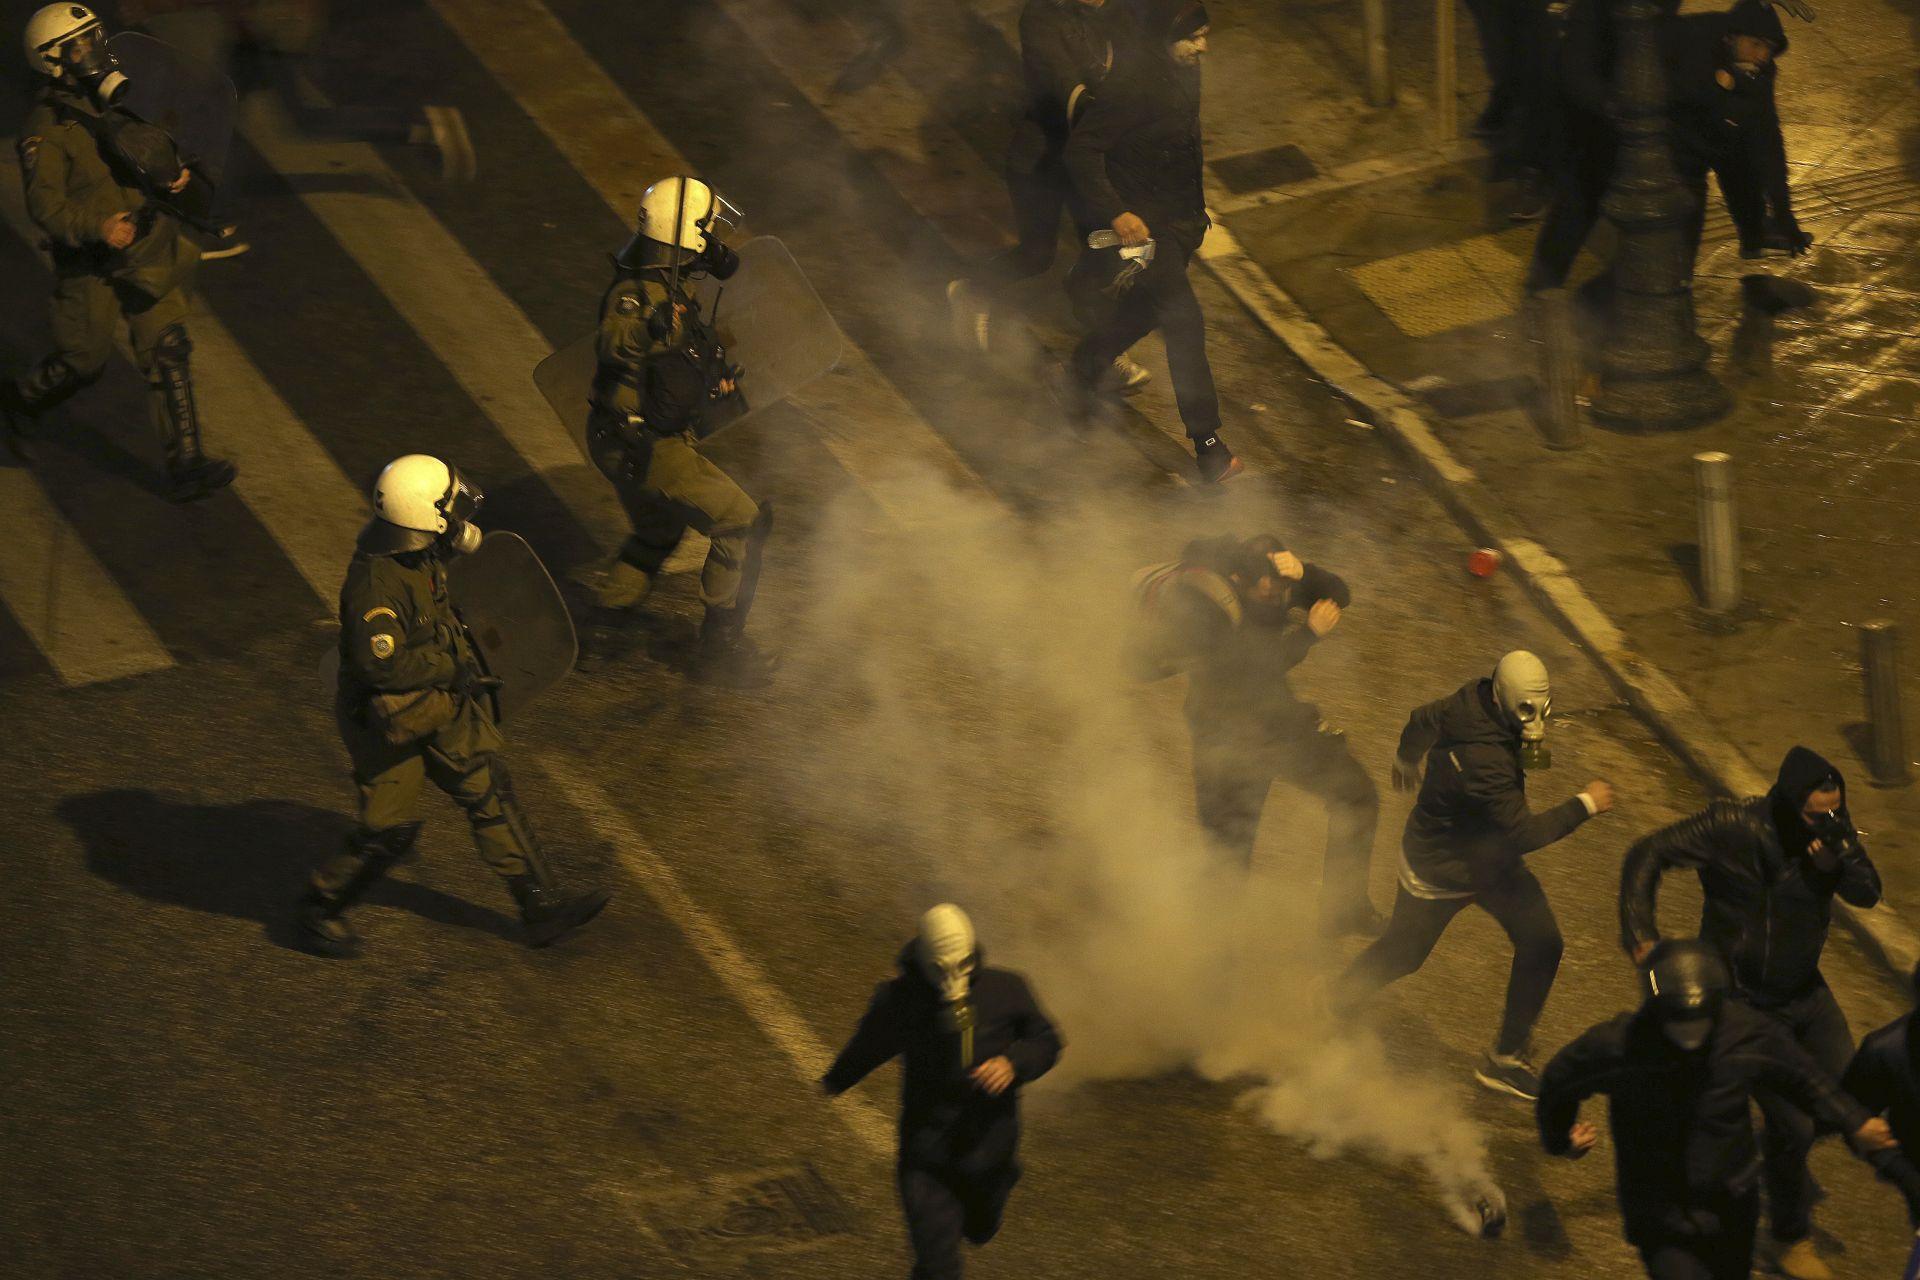 Гръцката полиция използва сълзотворен газ, за да разпръсне протестиращи в Атина